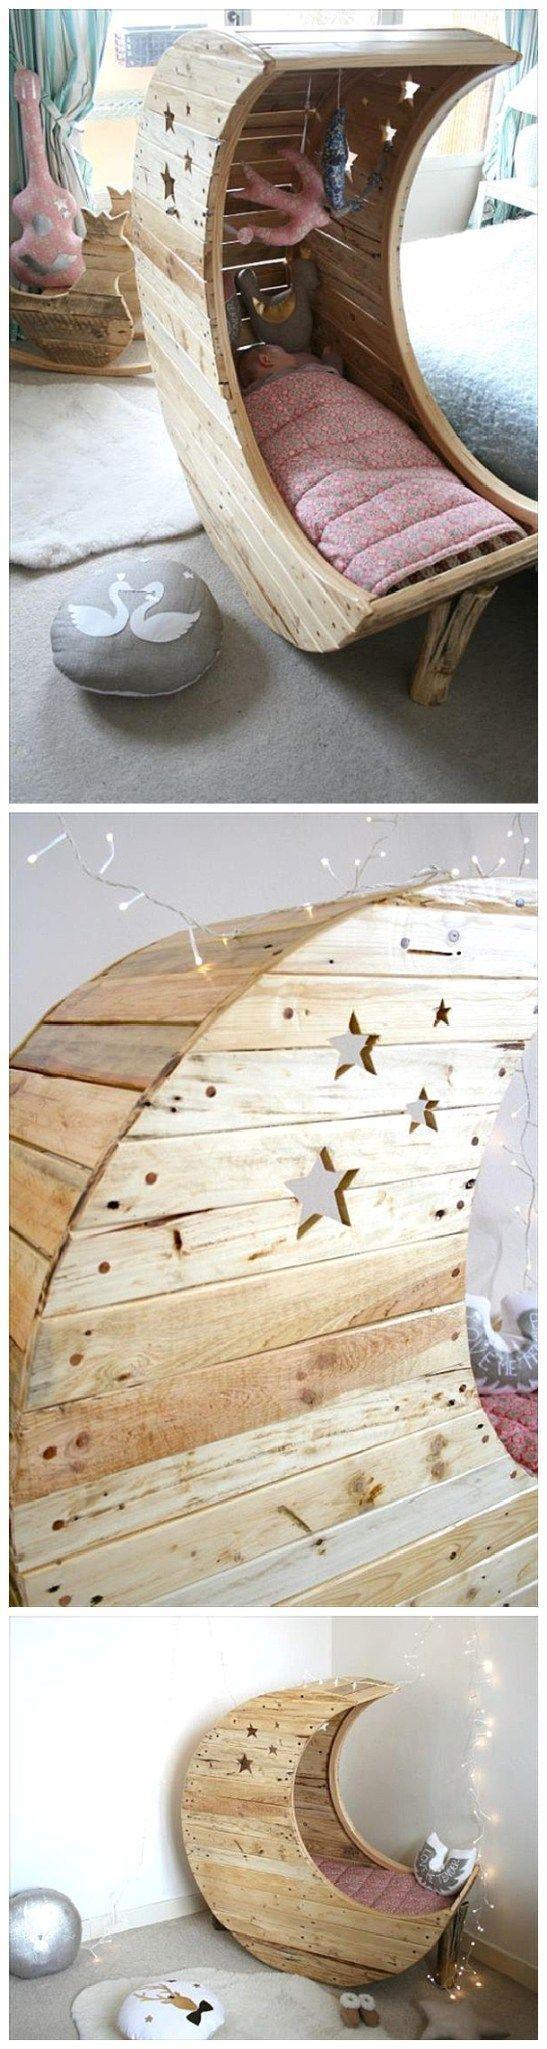 best wood projects diy unique images on pinterest